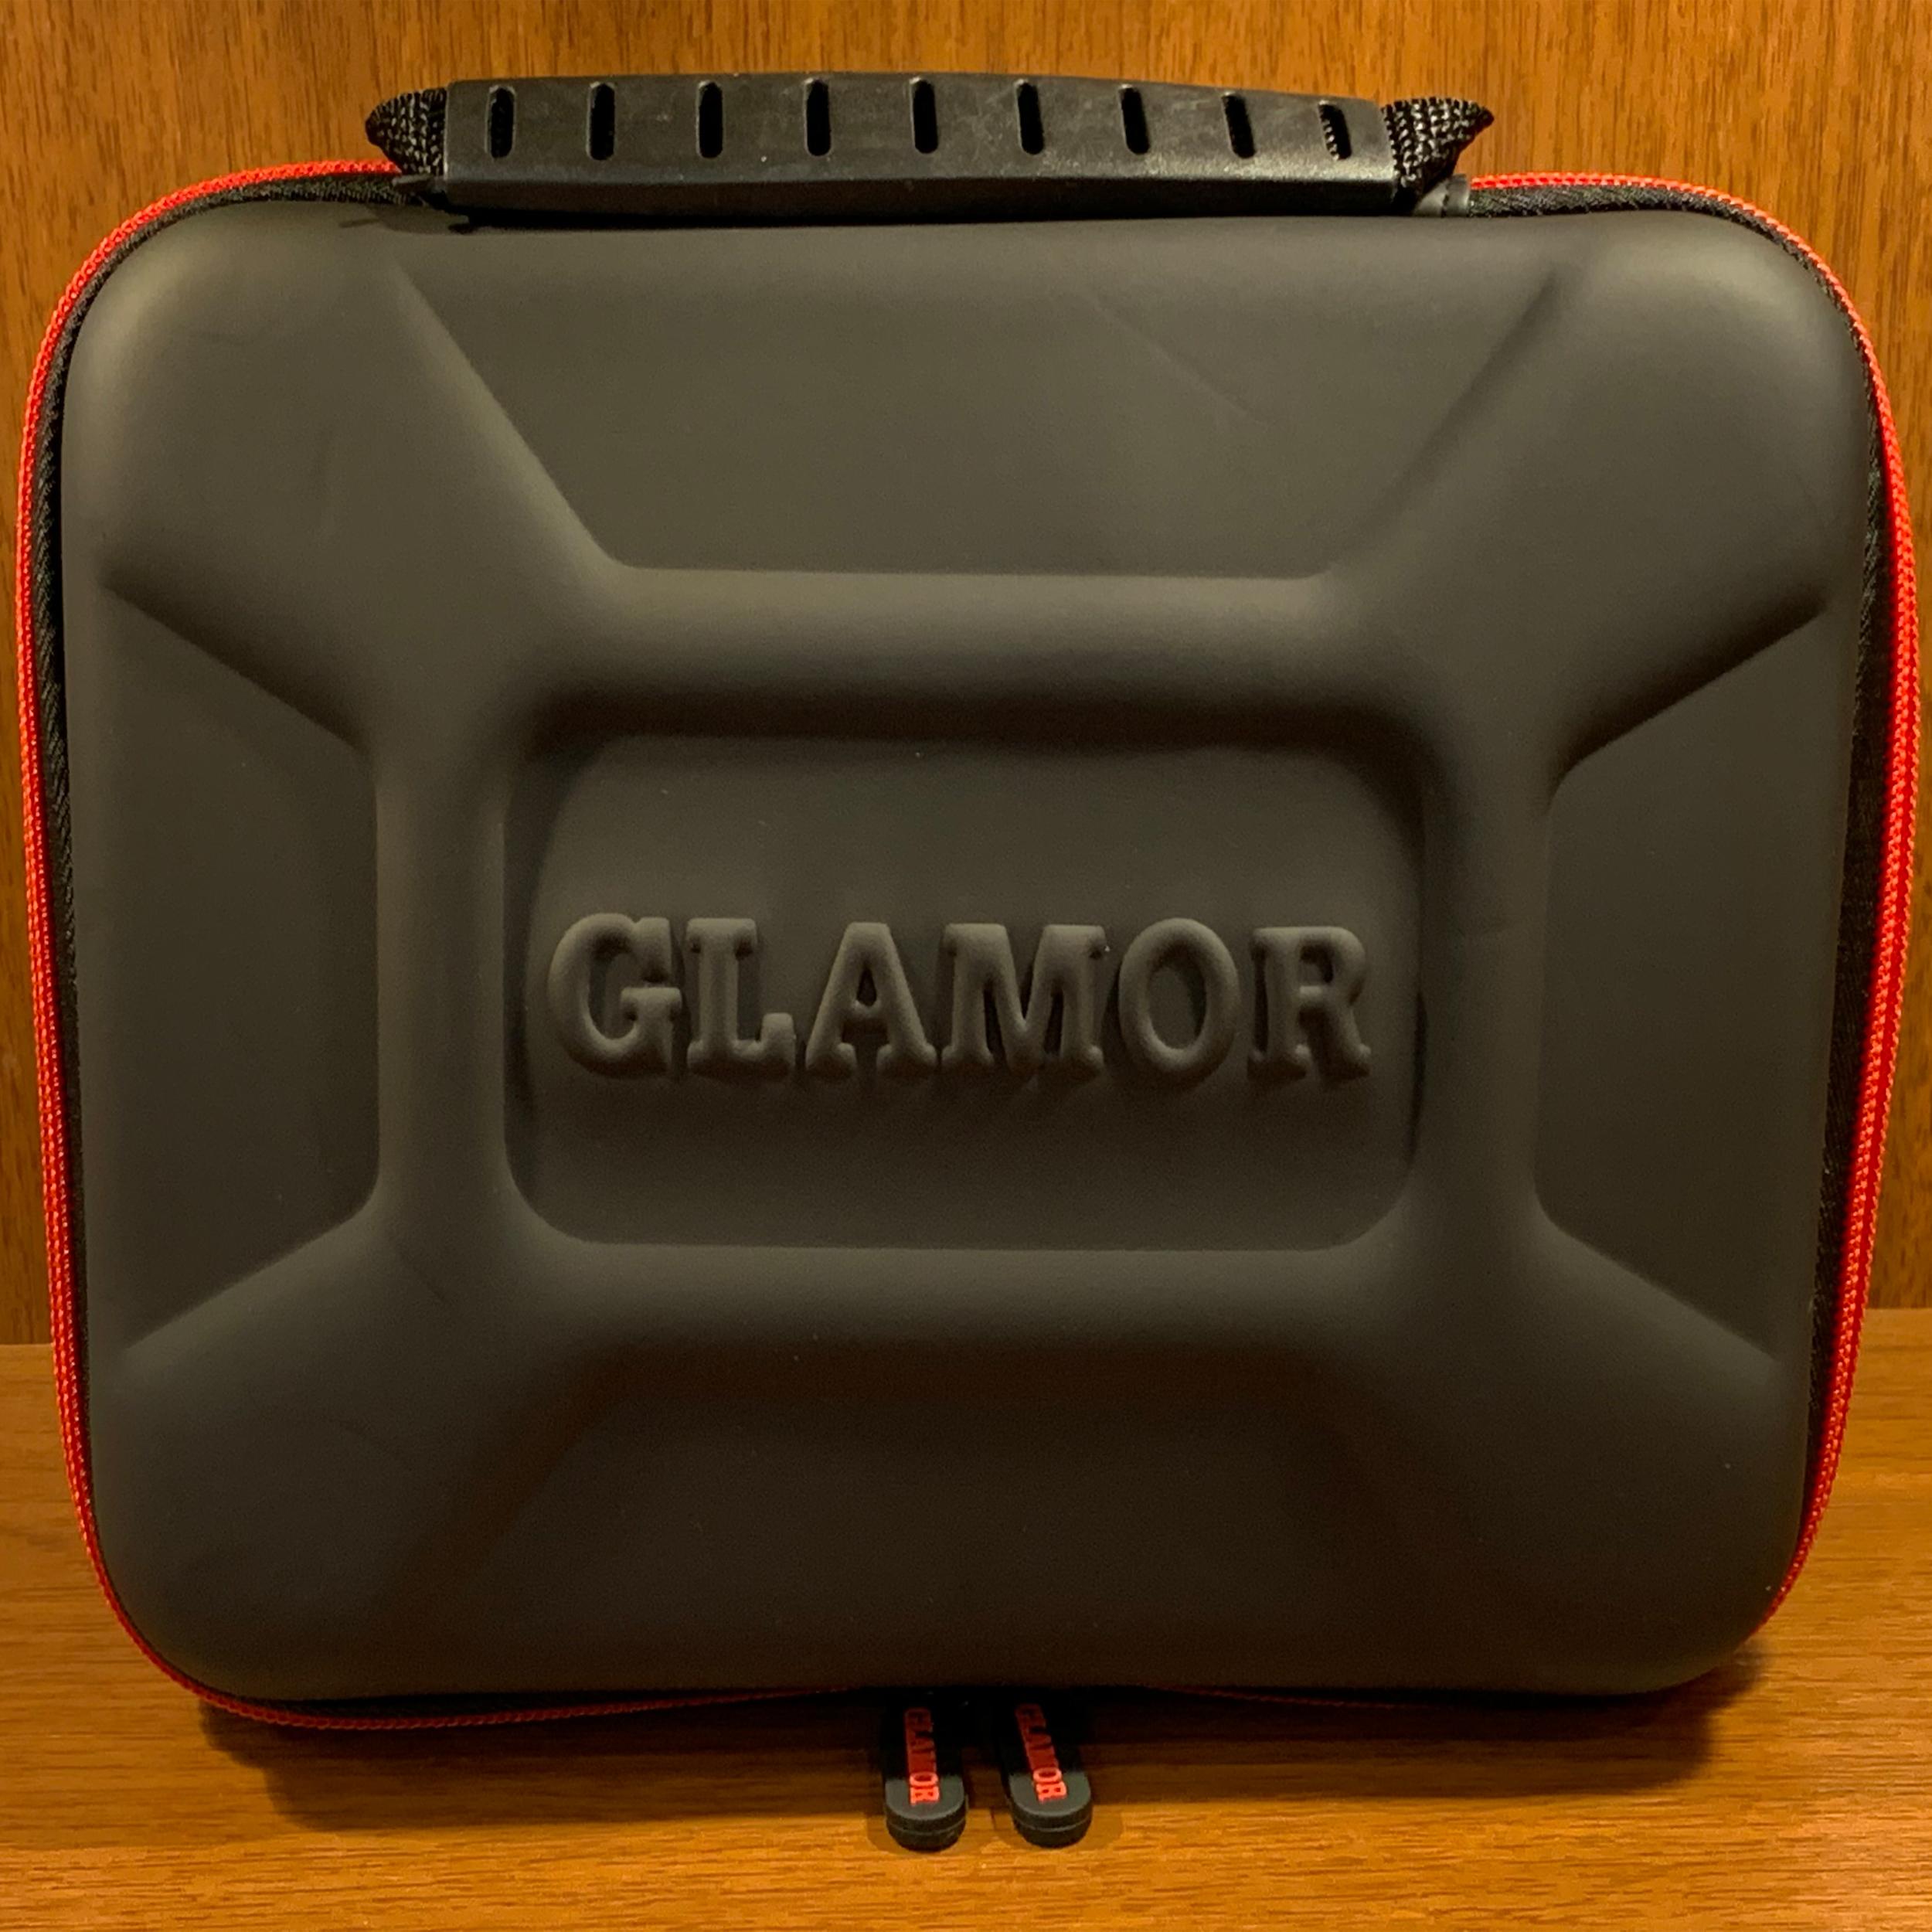 خرید                                     فشارسنج دیجیتال گلامور مدل HL858DG